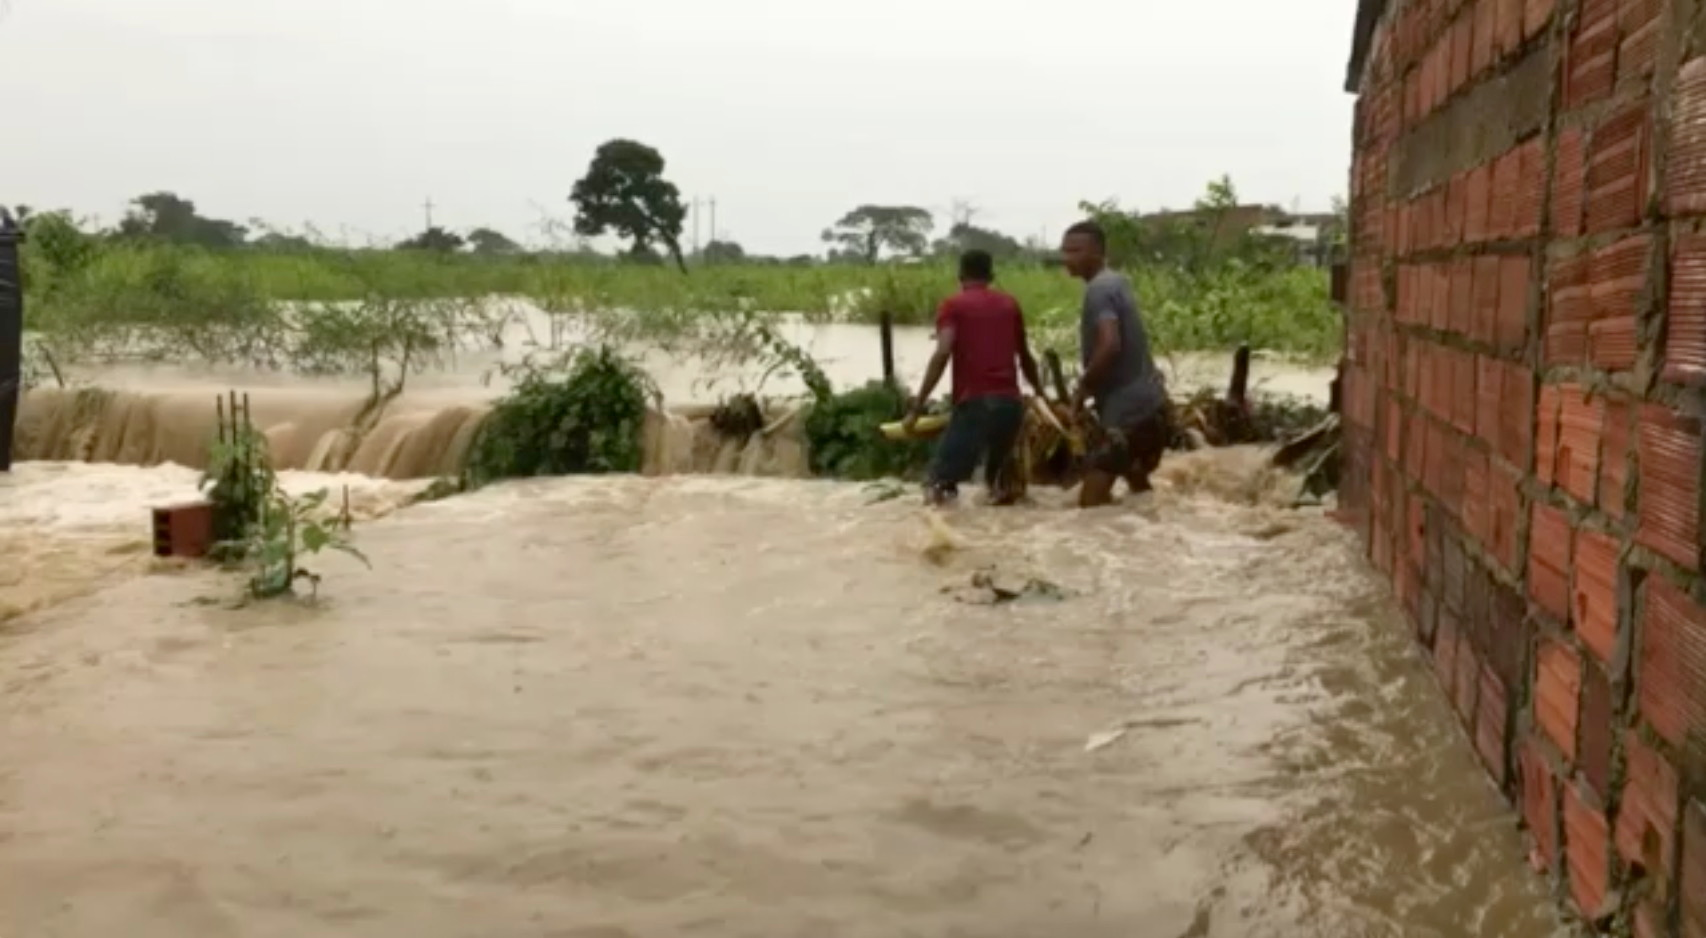 Συναγερμός στην Κεντρική Αμερική: Μετά την καταιγίδα Ήτα «επελαύνει» ο κυκλώνας Γιώτα (pics)